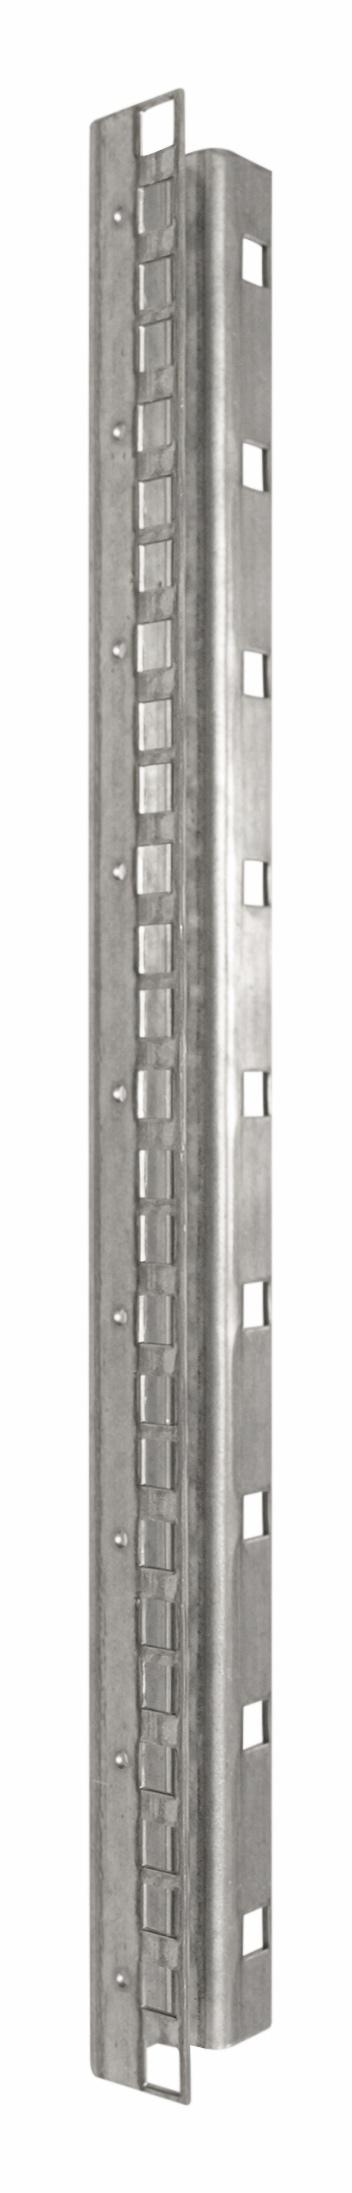 1 Stk 19 Profilschiene 37HE für DS-, DSZ- und DSI-Schränke DSPROF37--